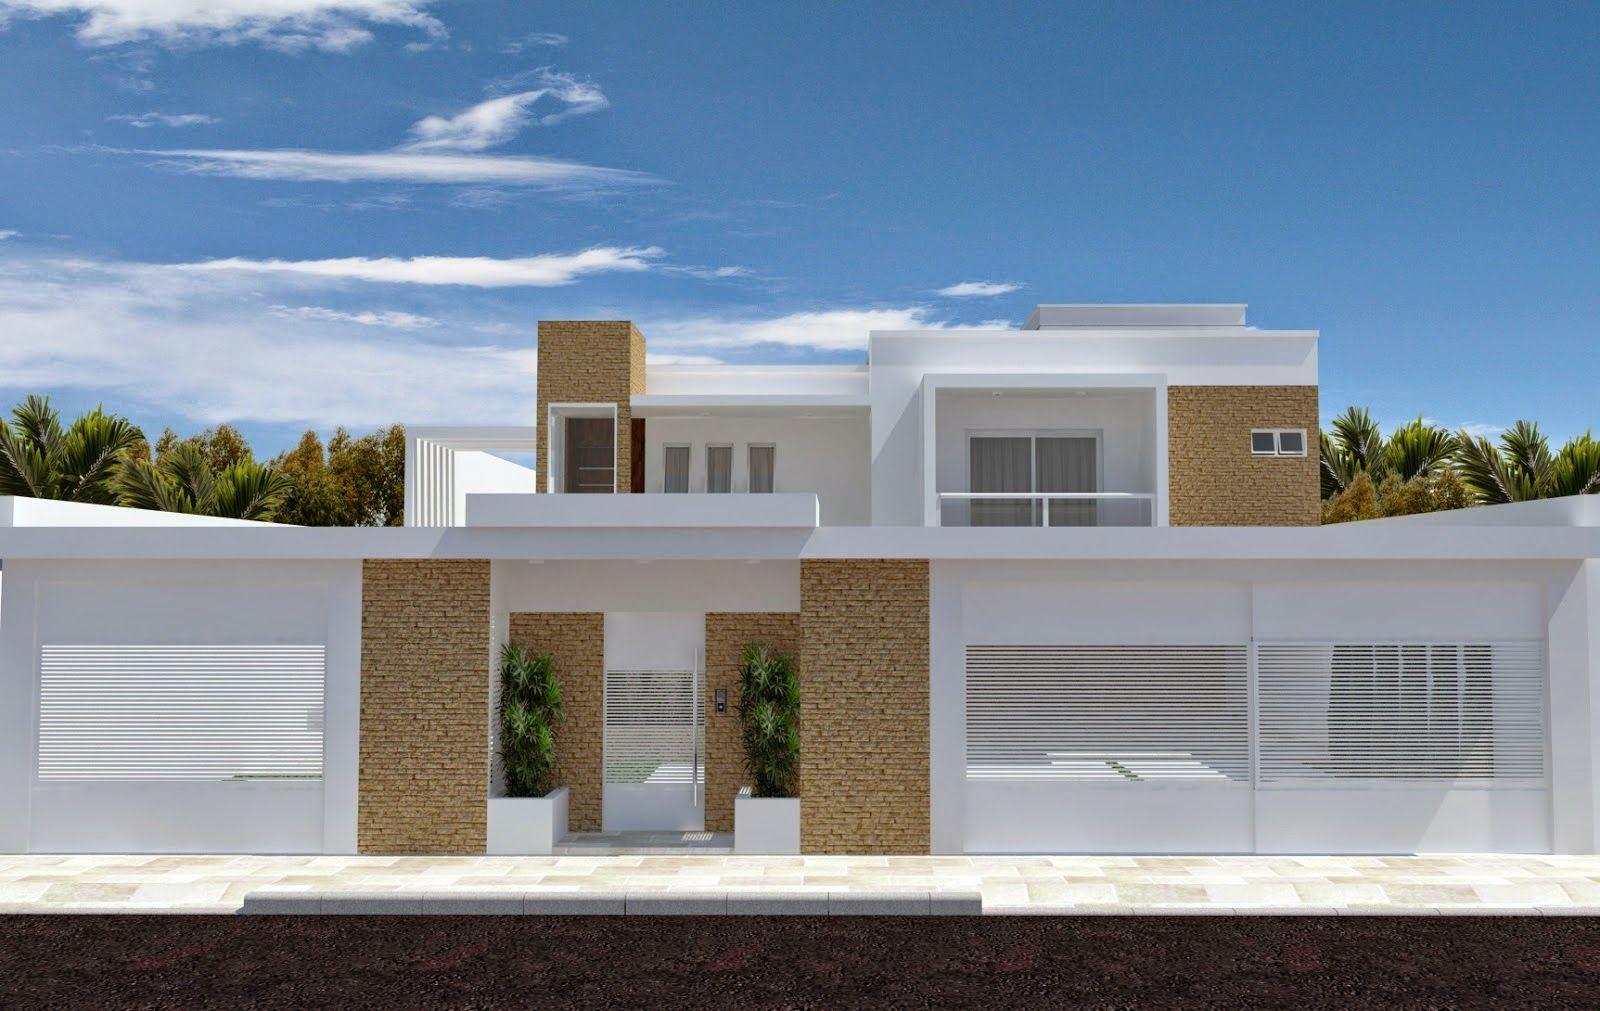 Decor salteado blog de decora o e arquitetura 20 for Fachadas de casas modernas